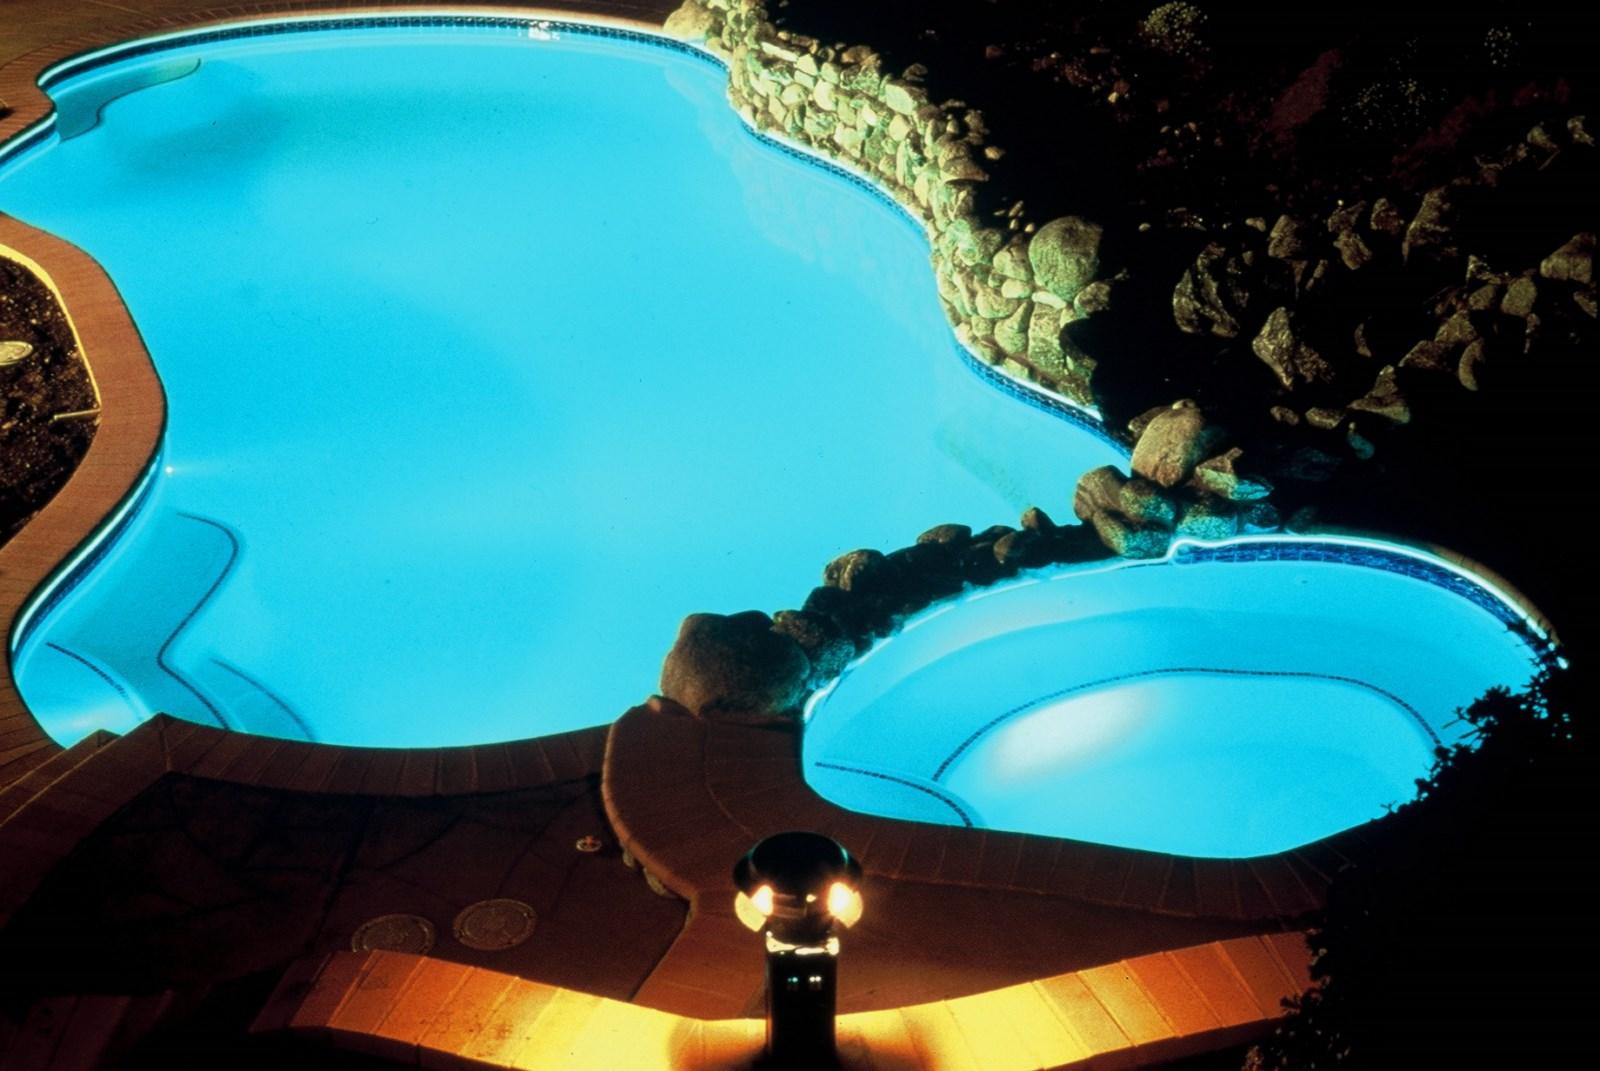 fabricant de piscine en bois hors sol ouest lyonnais les jardins de l 39 ouest. Black Bedroom Furniture Sets. Home Design Ideas